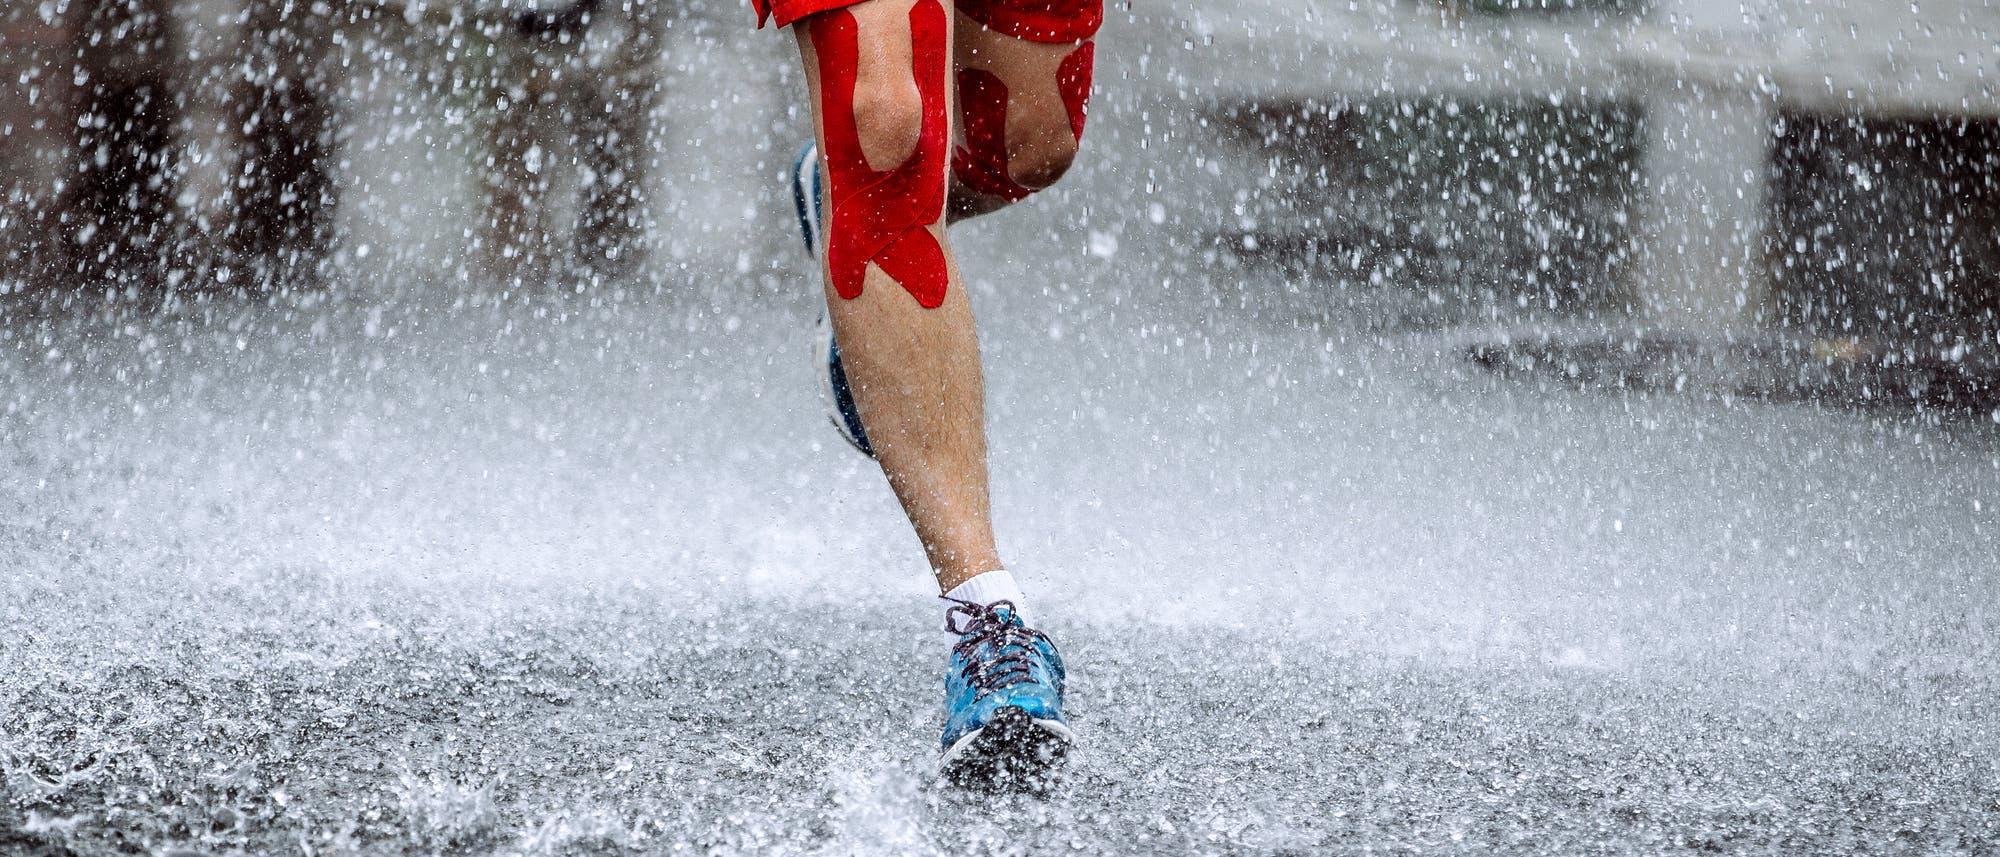 Ein Mann mit Kinesiotapes läuft durch den Regen